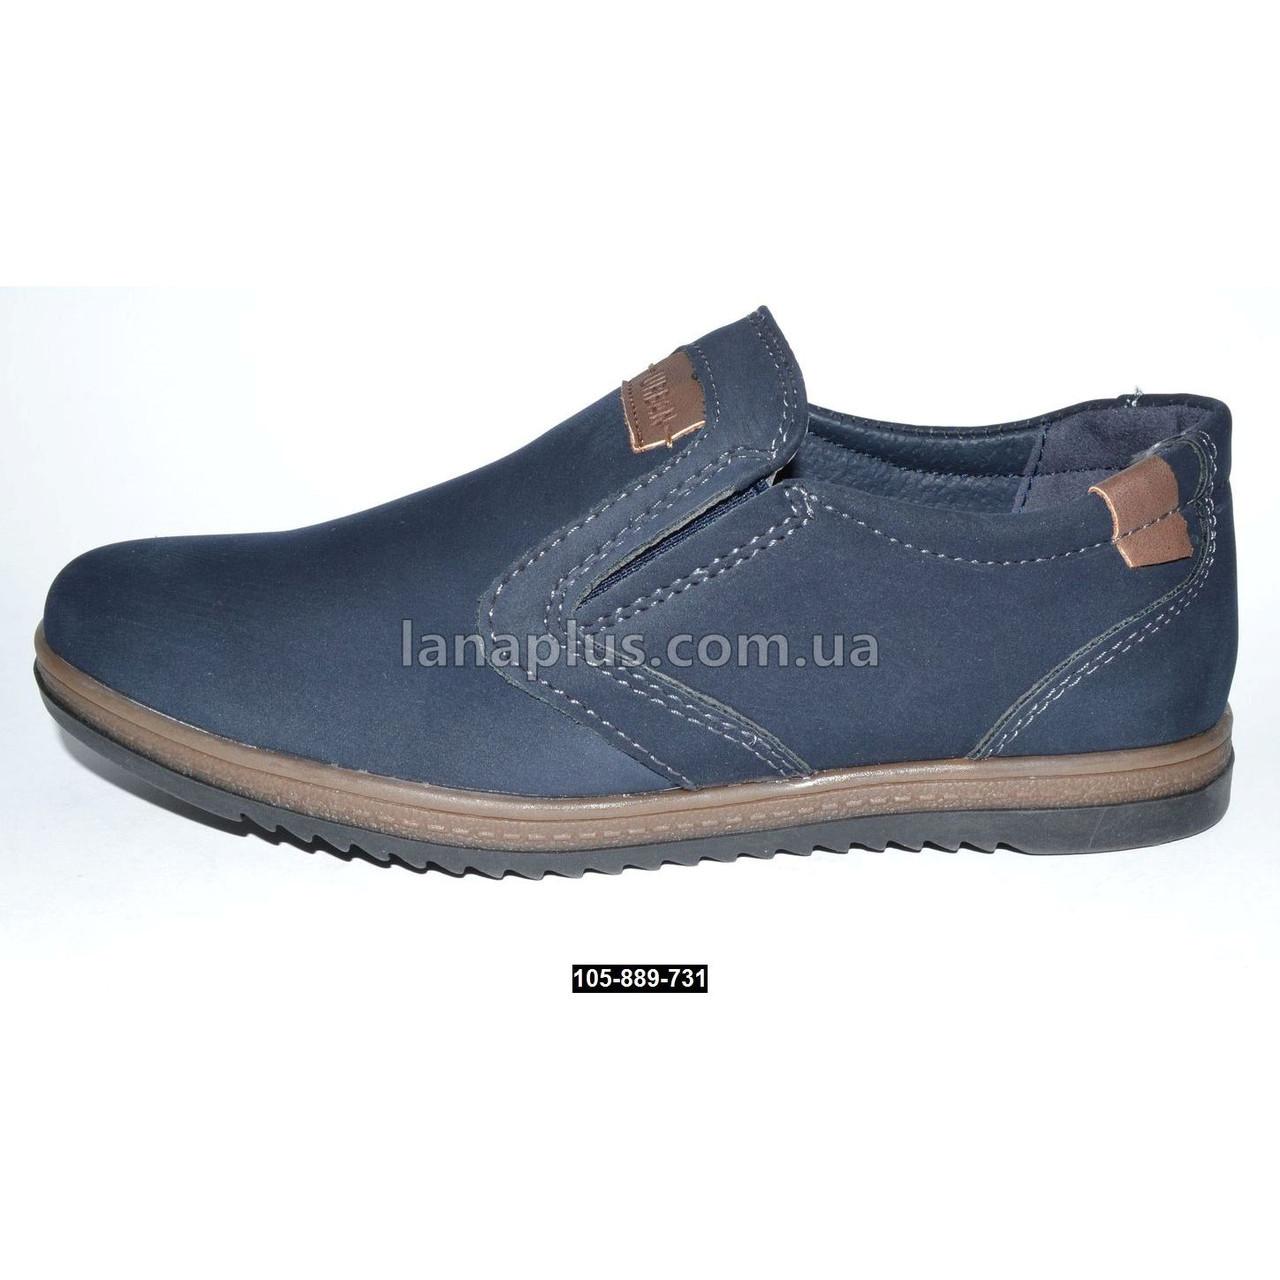 Туфли для мальчика 28 размер (18.2 см), супинатор, 105-889-731